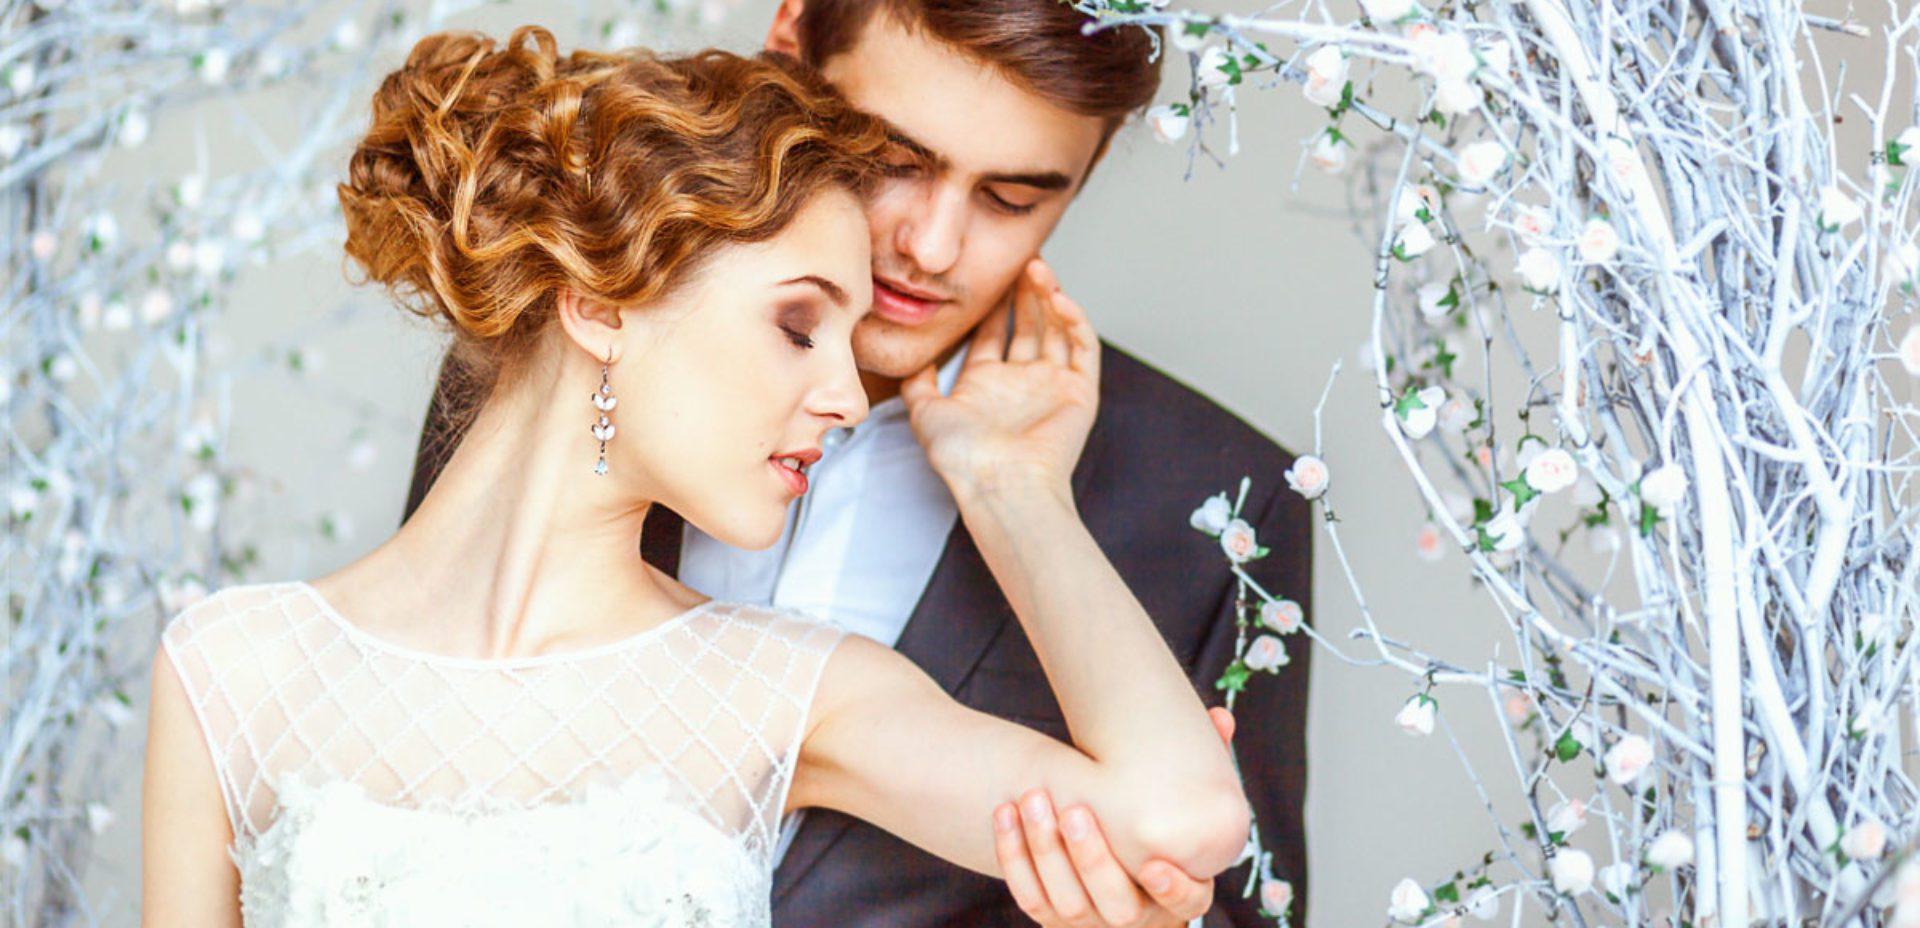 YIYPstg1ajE - Свадебный букет: портбукетница или обычный вариант